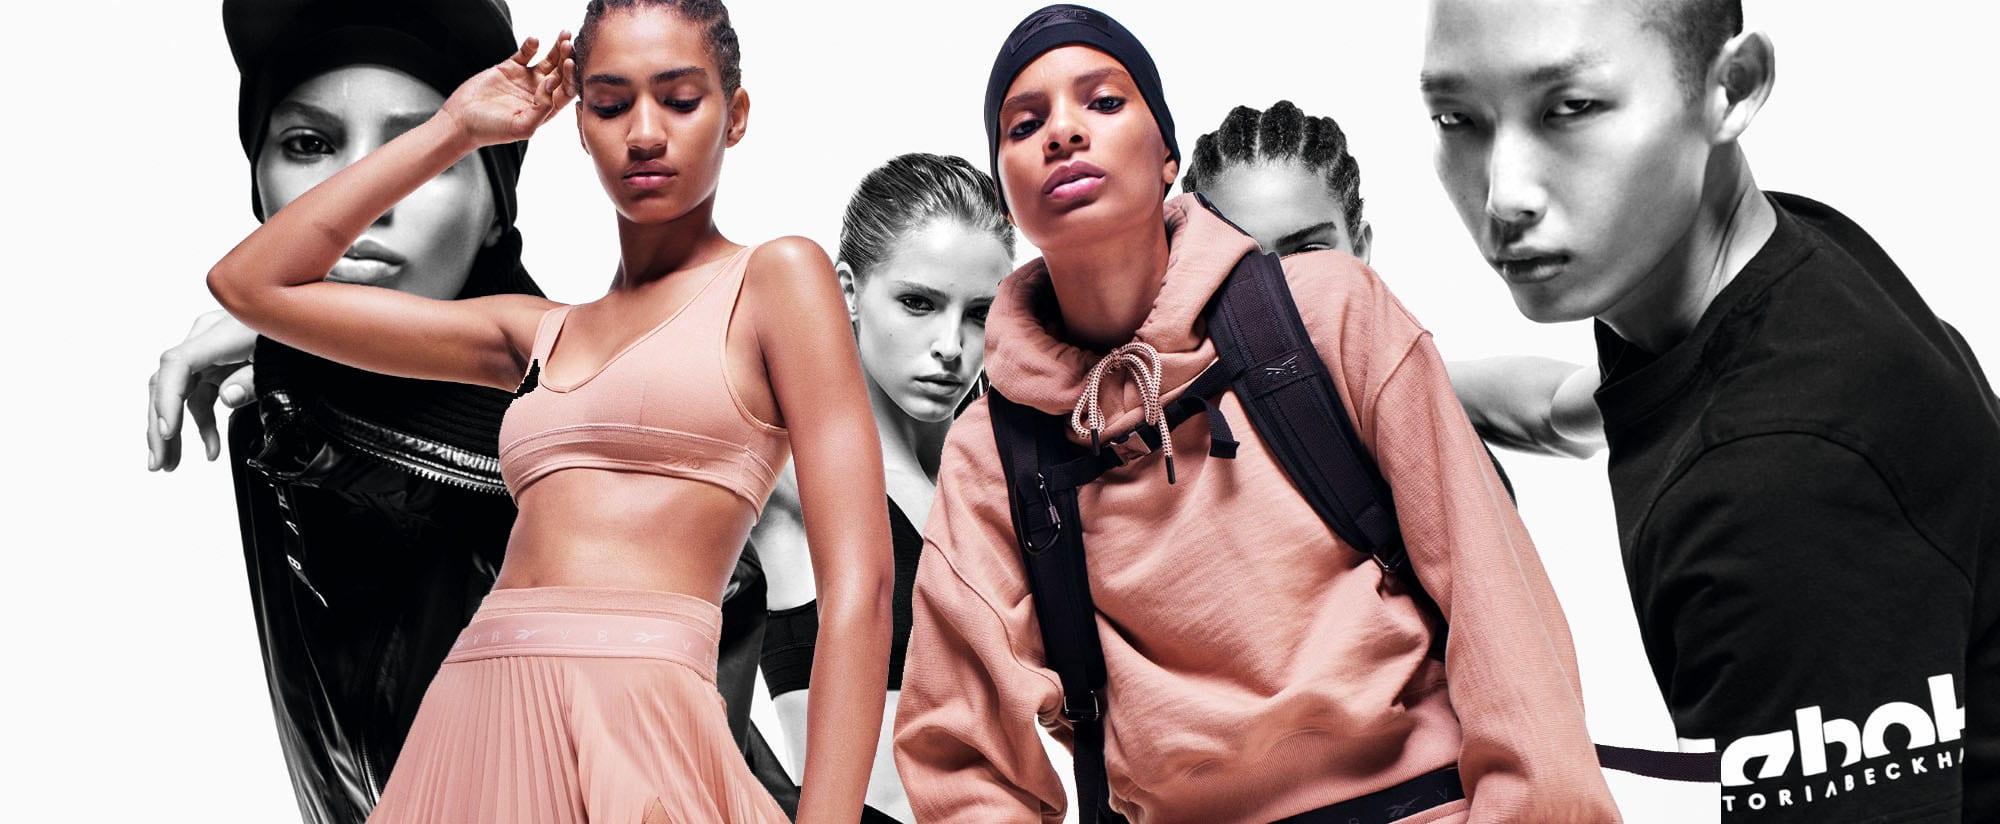 Fashion Israel, ויקטוריה בקהאם X ריבוק, אופנה, כתבות, מגזין אופנה - 10